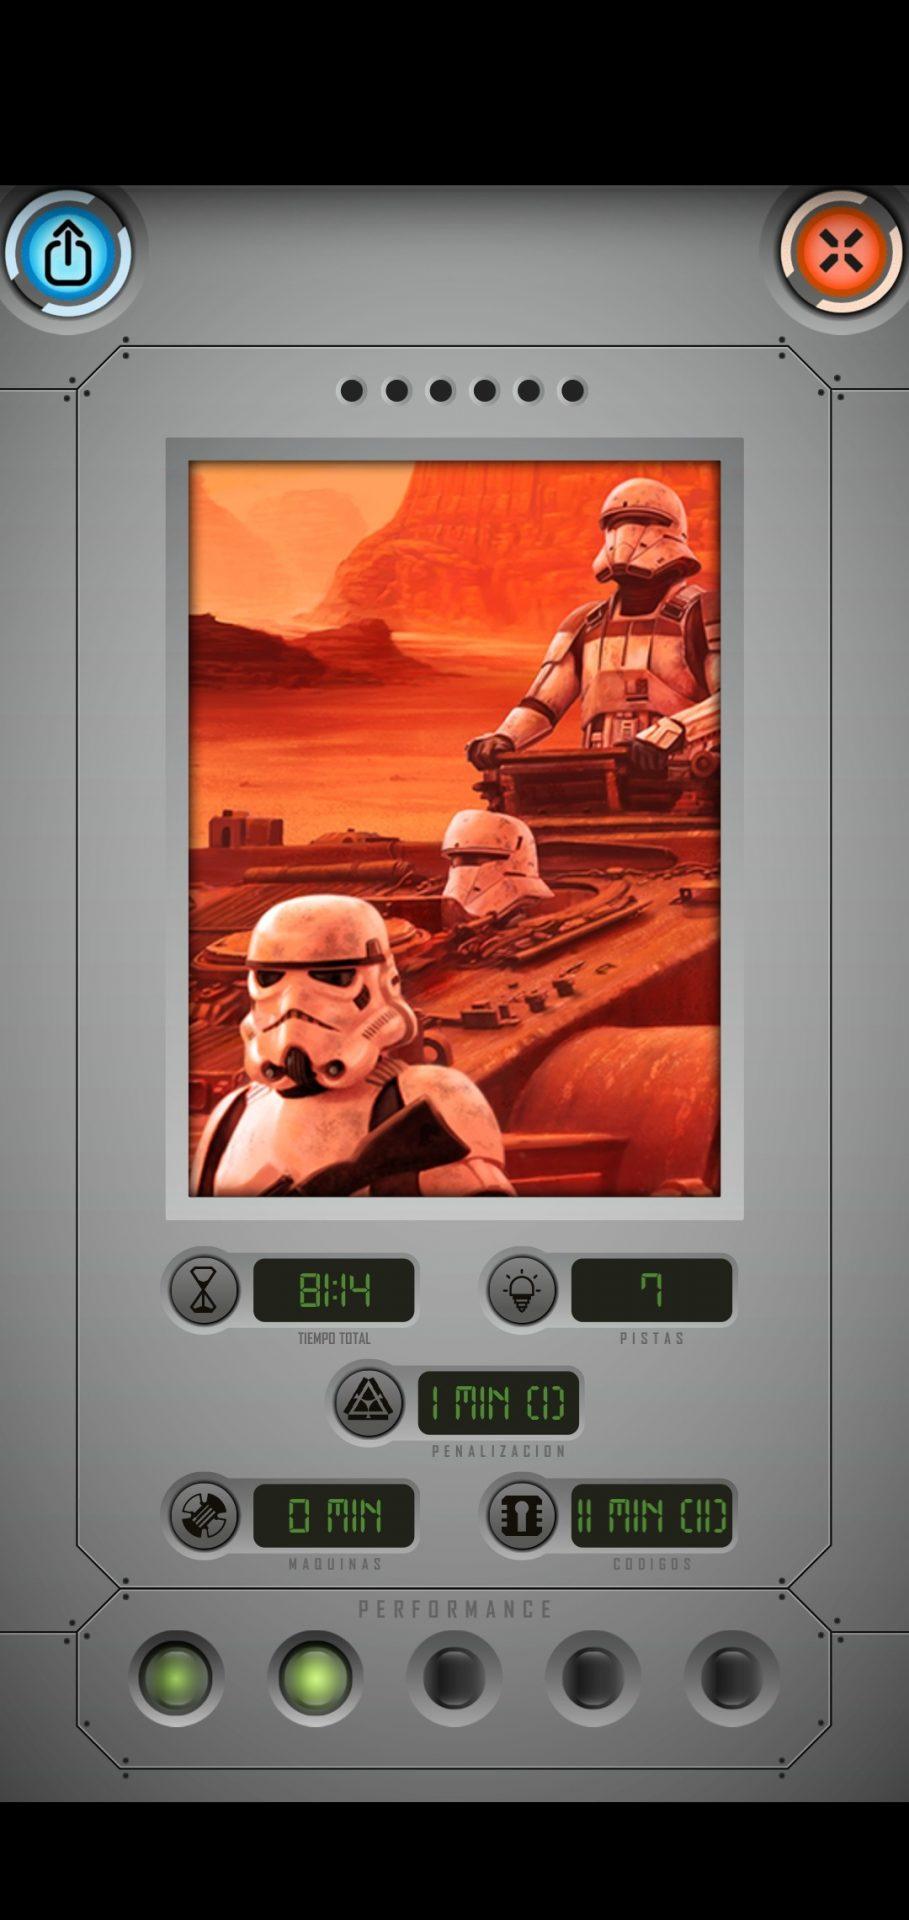 Final de tercera partida de Star Wars: Escape Game